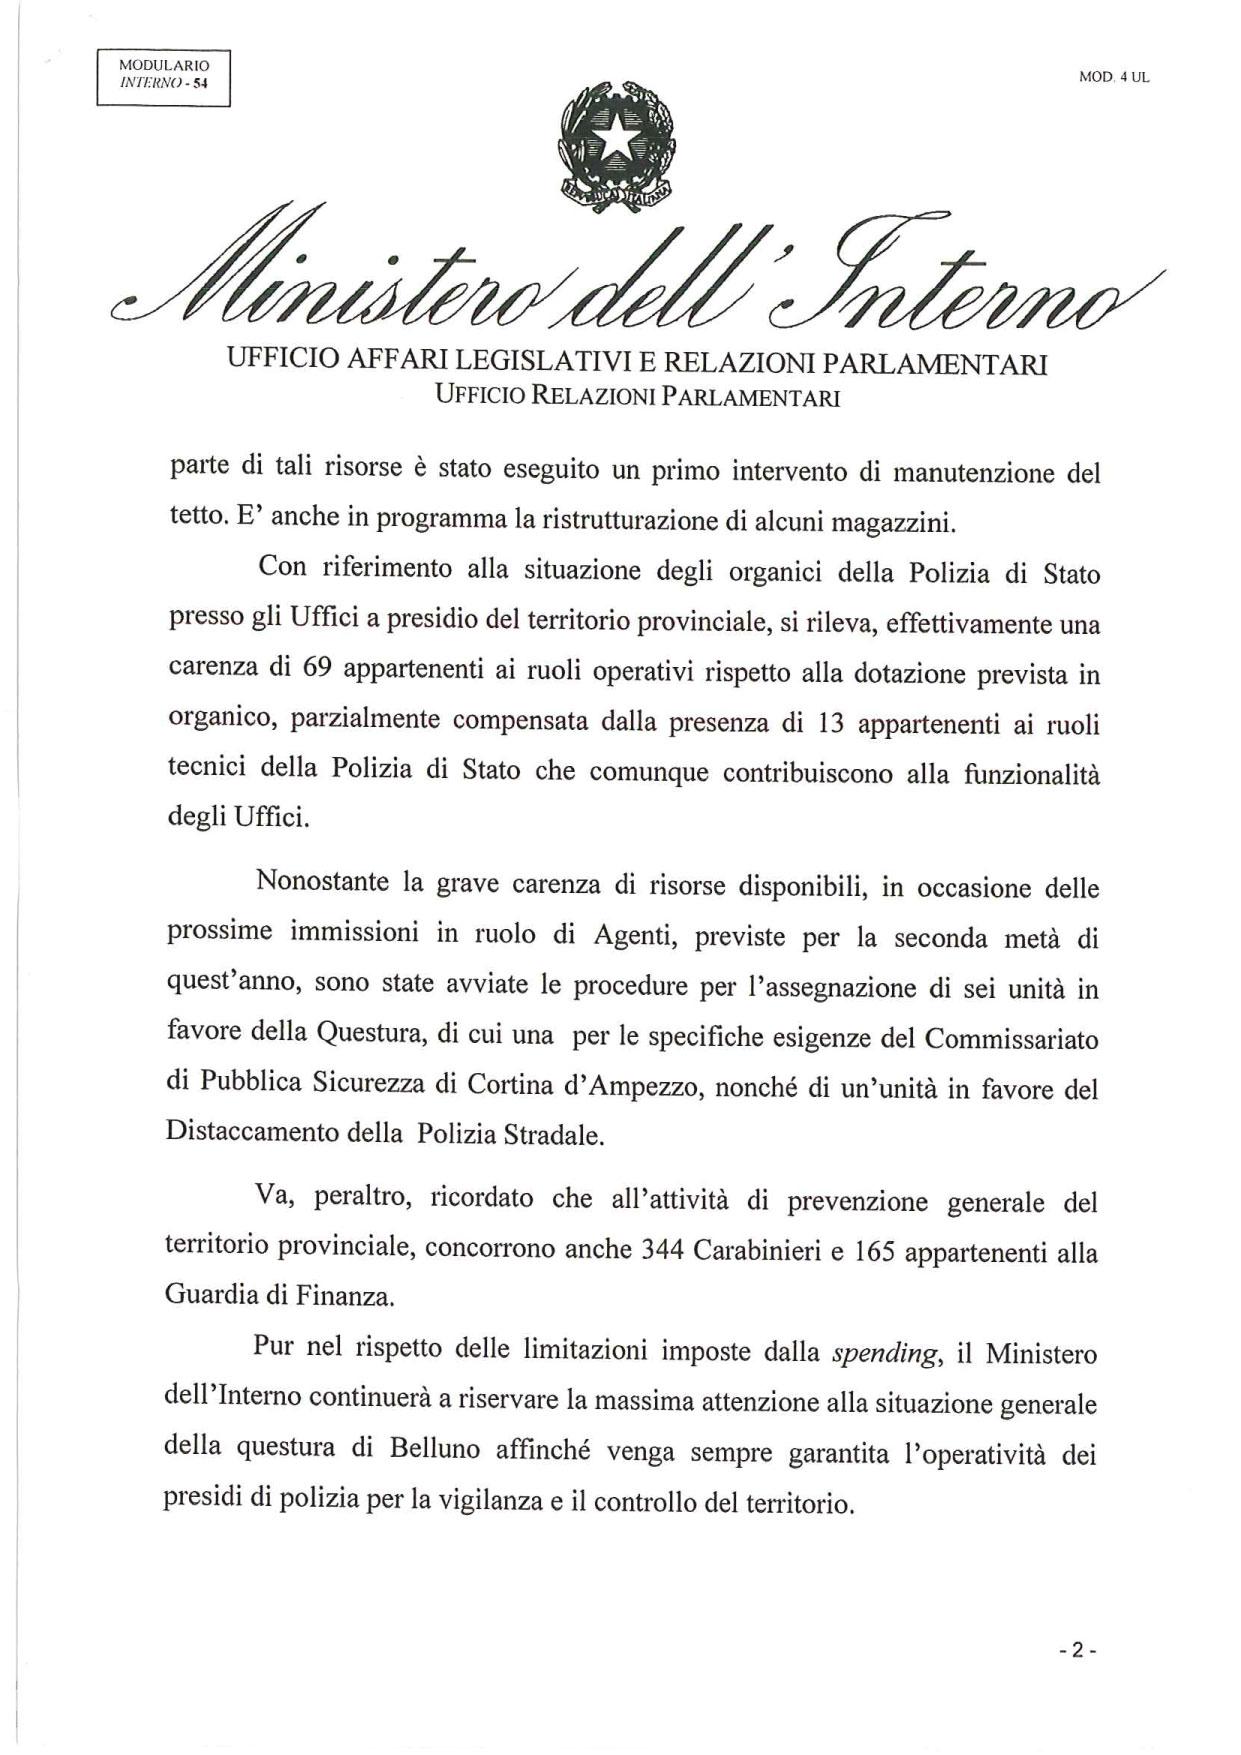 Risposta-MINISTERO-DELL'INTERNO-_-Caserma-Fantuzzi-2